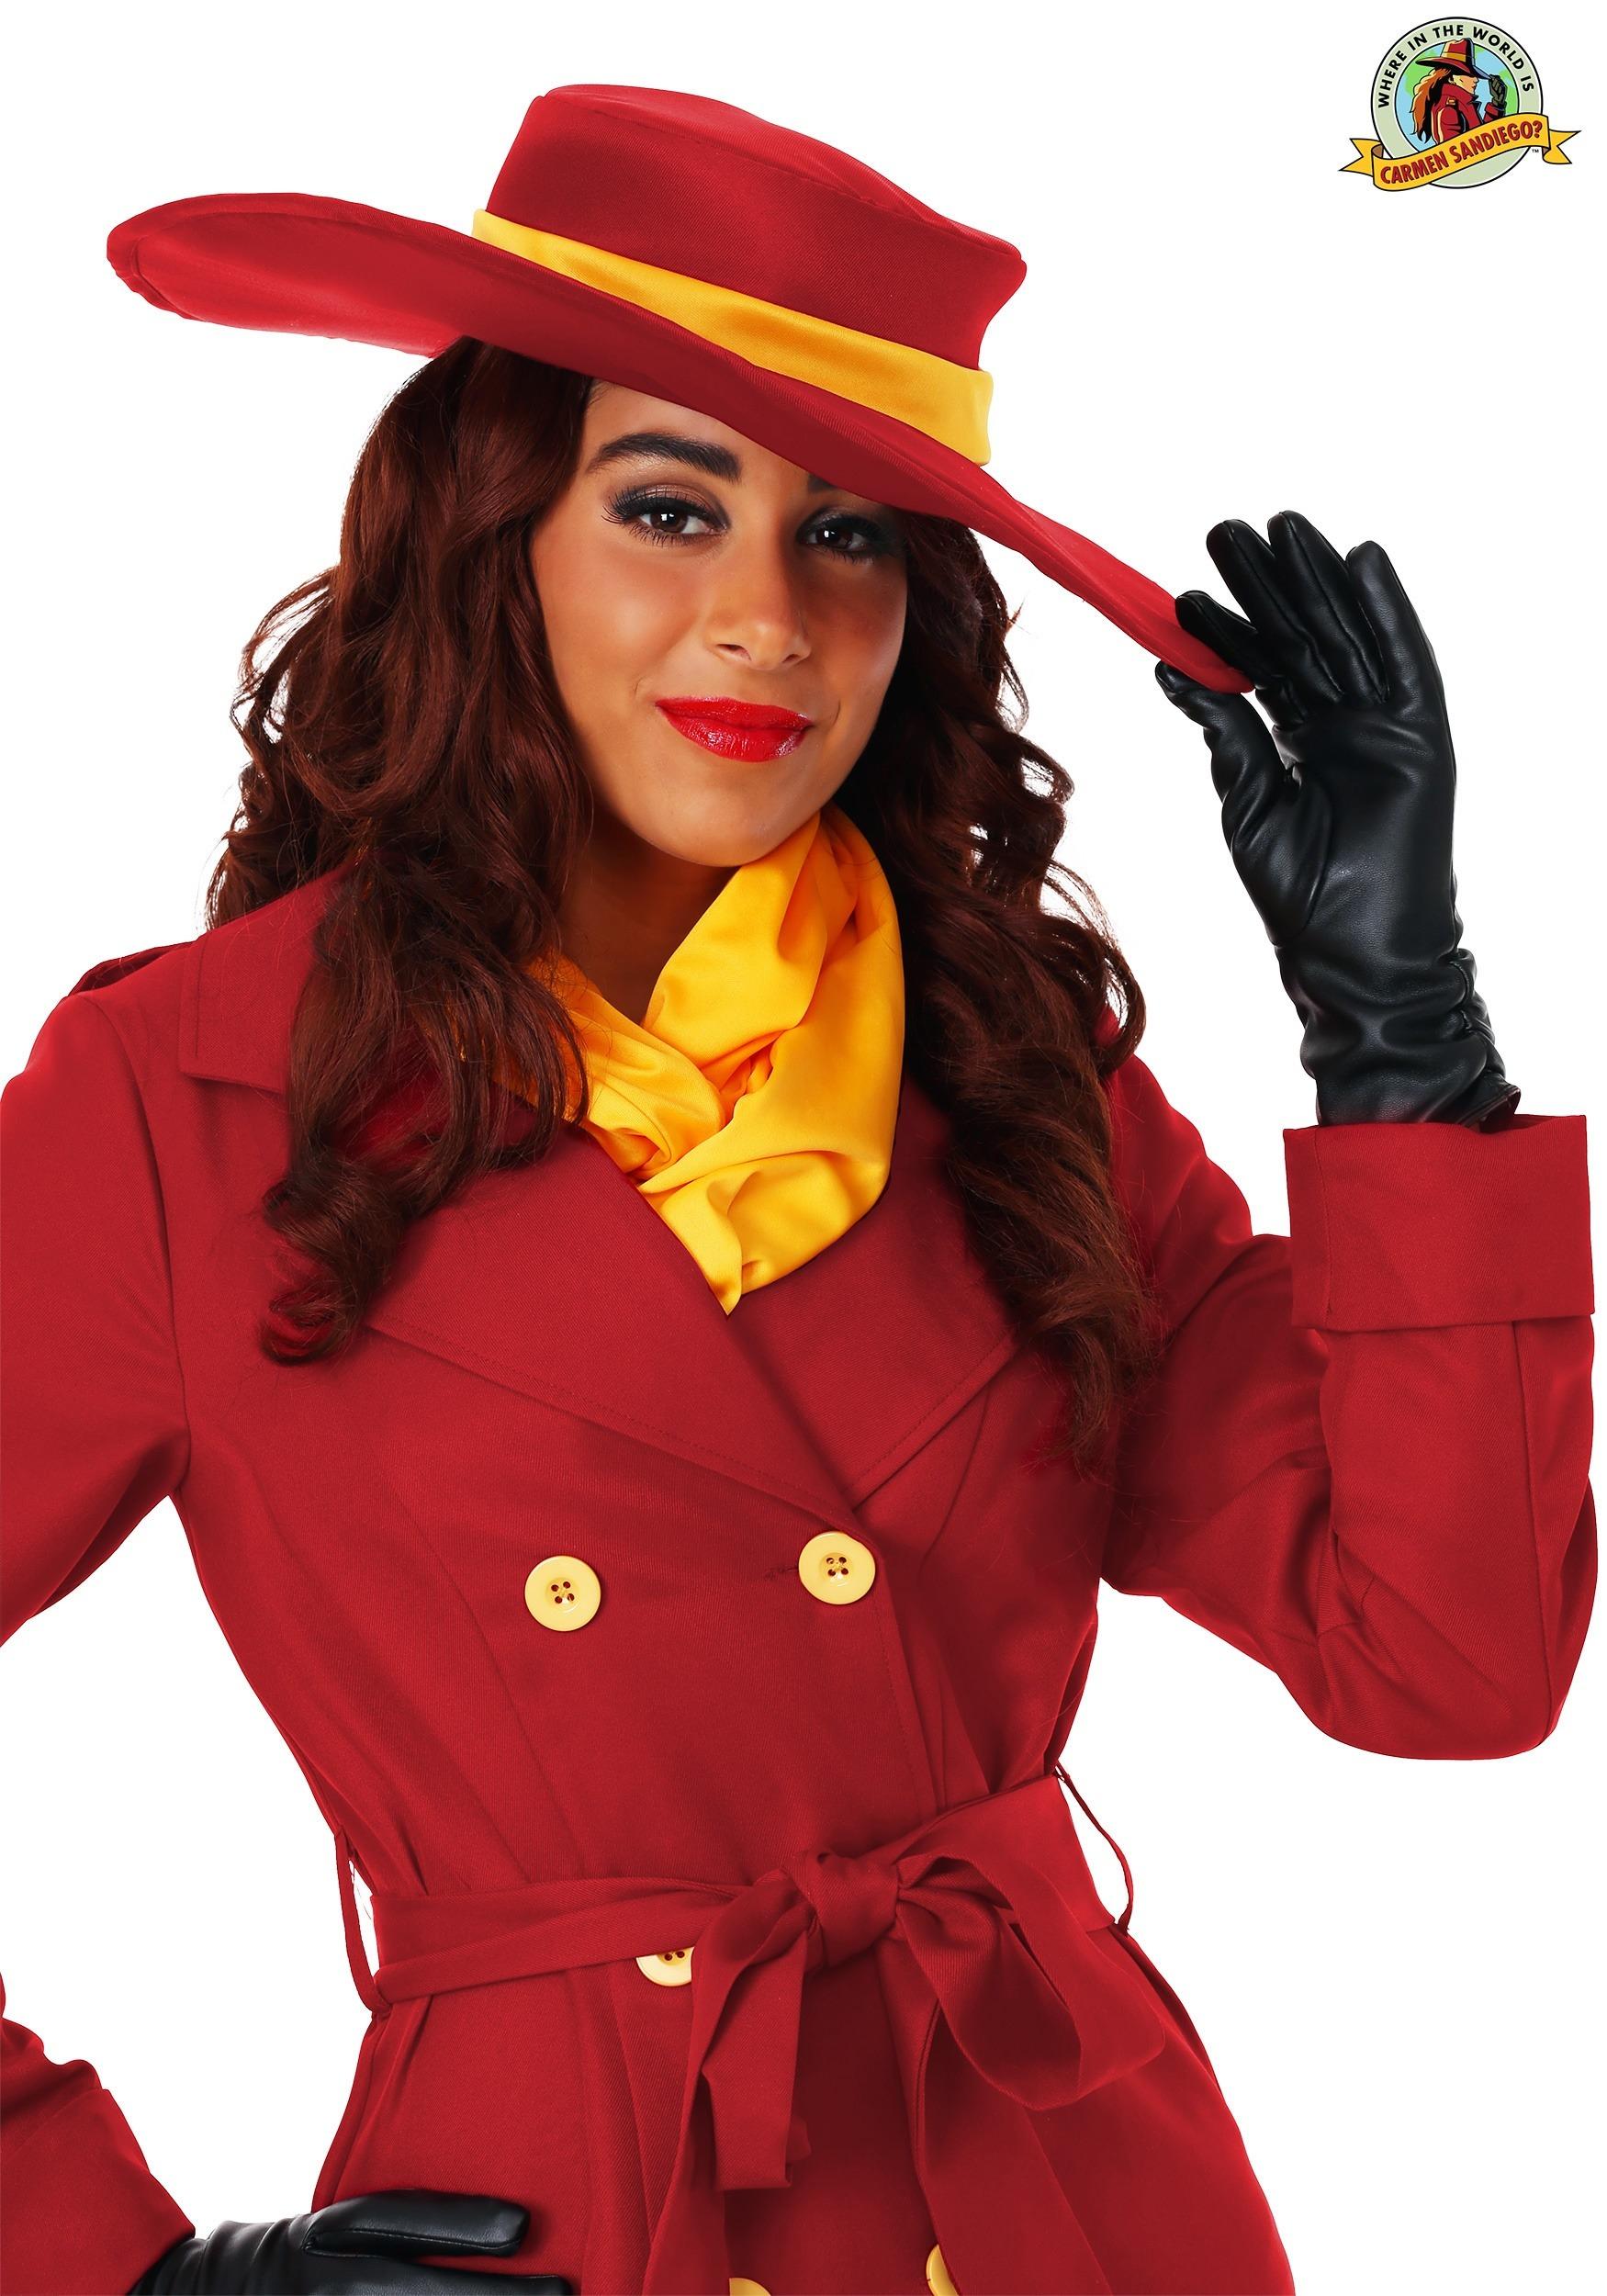 Adult Carmen Sandiego Wig Adult Carmen Sandiego Wig 35d3d6bc3d78